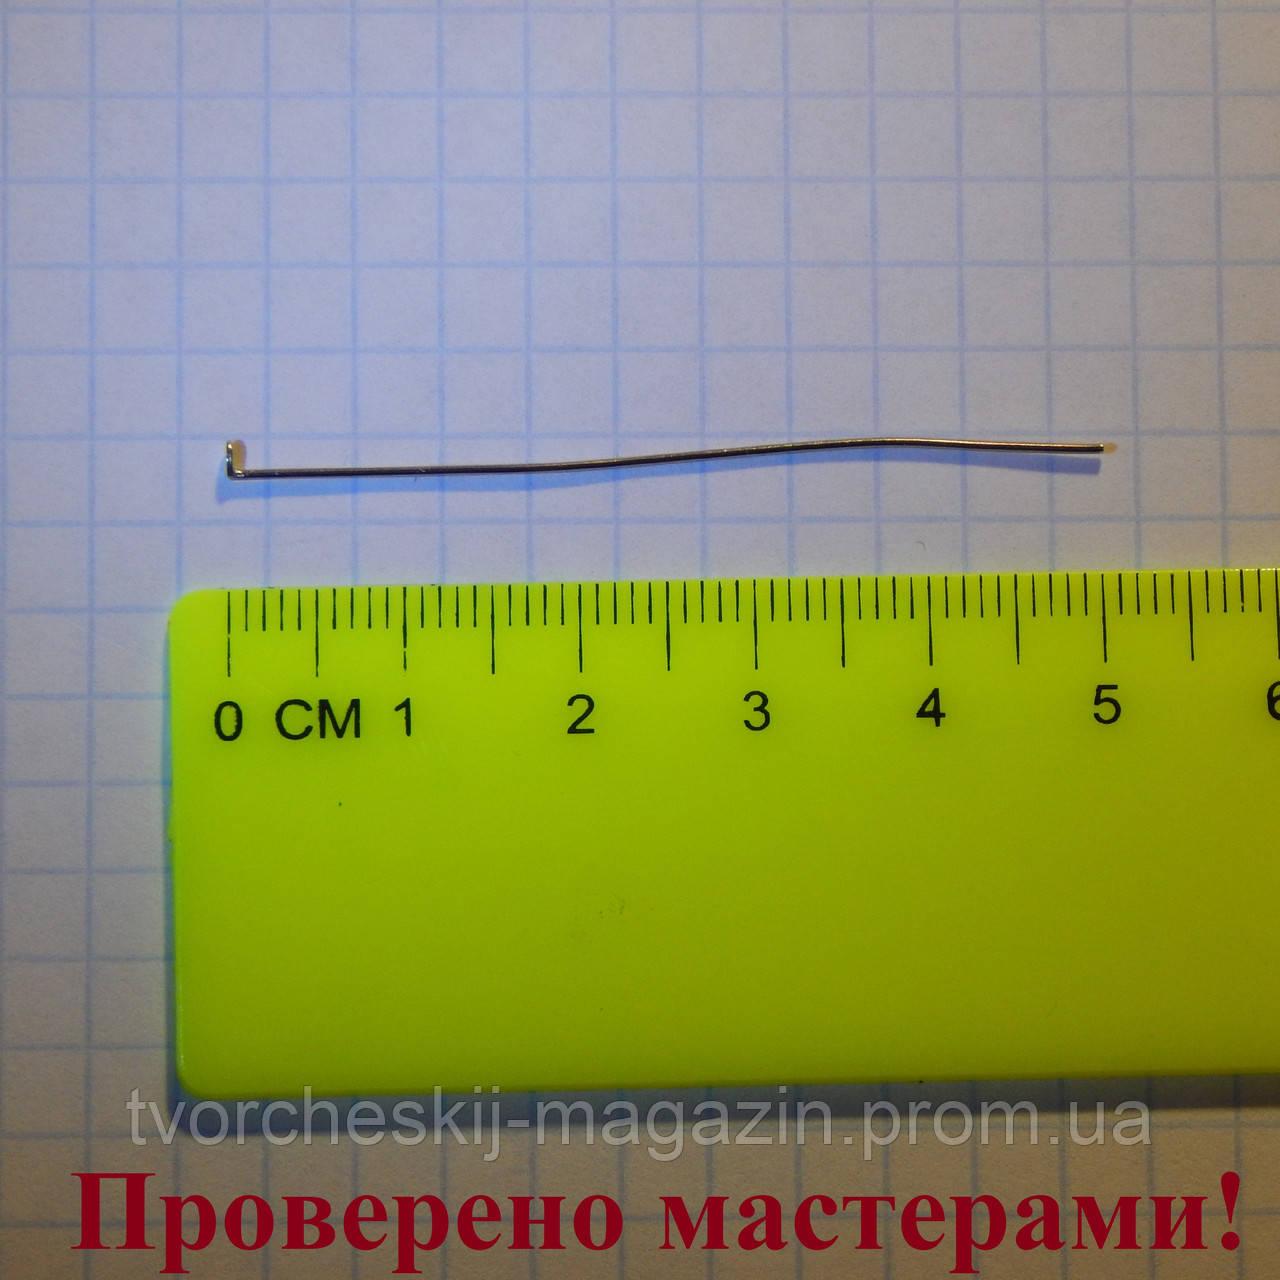 Гвоздик 5 см, медицинская сталь, 1 шт